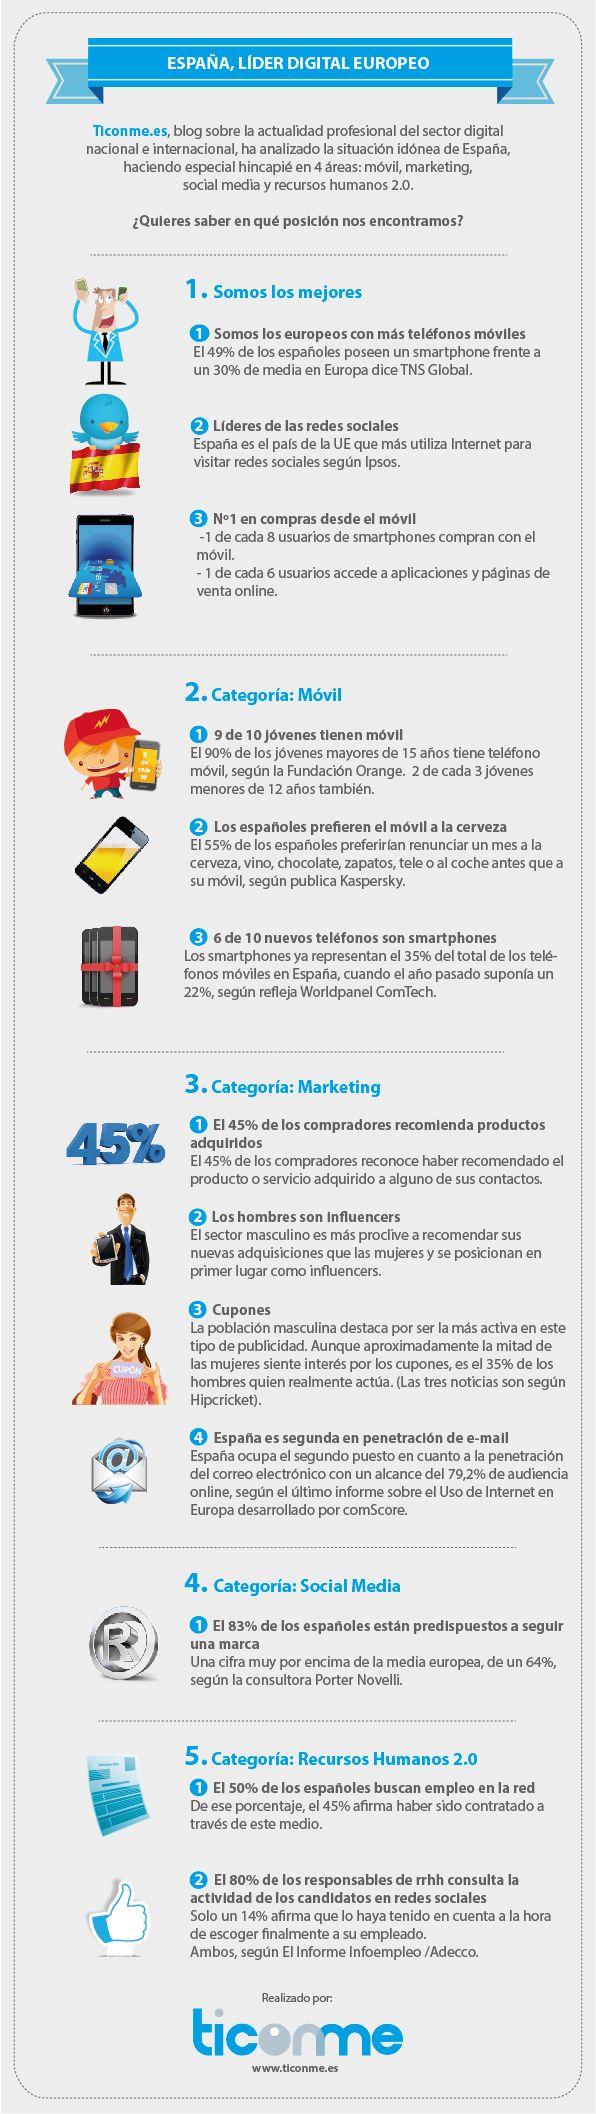 España, líder digital europeo. Ticonme ha analizado los últimos estudios sobre el sector TIC, centrándose en 4 áreas: móvil, marketing, social media y recursos humanos 2.0.